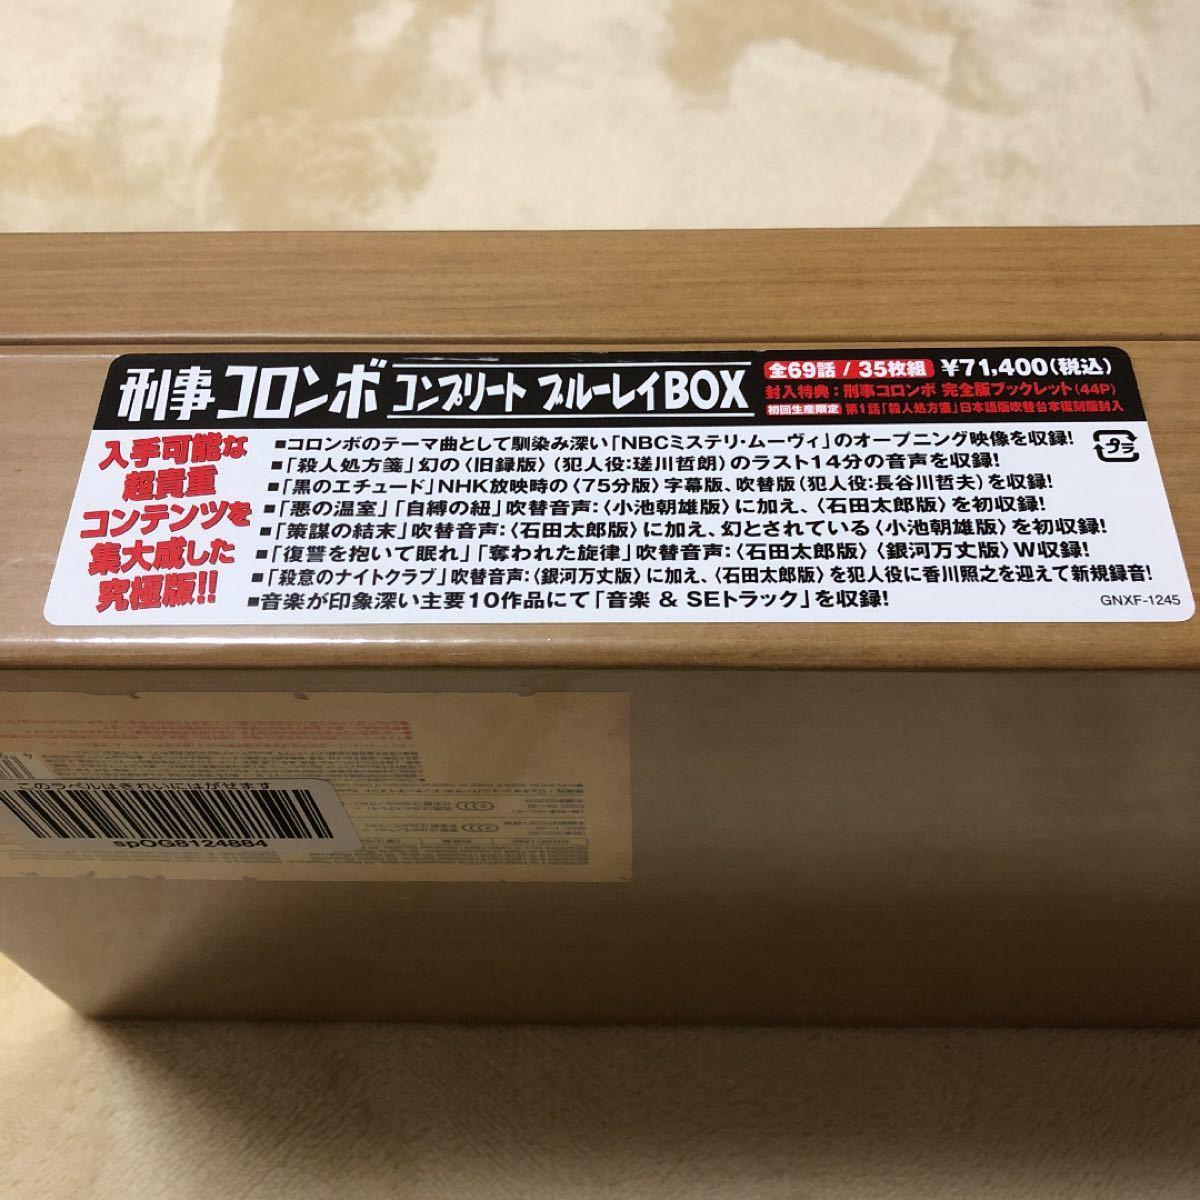 刑事コロンボ コンプリート Blu-ray BOX